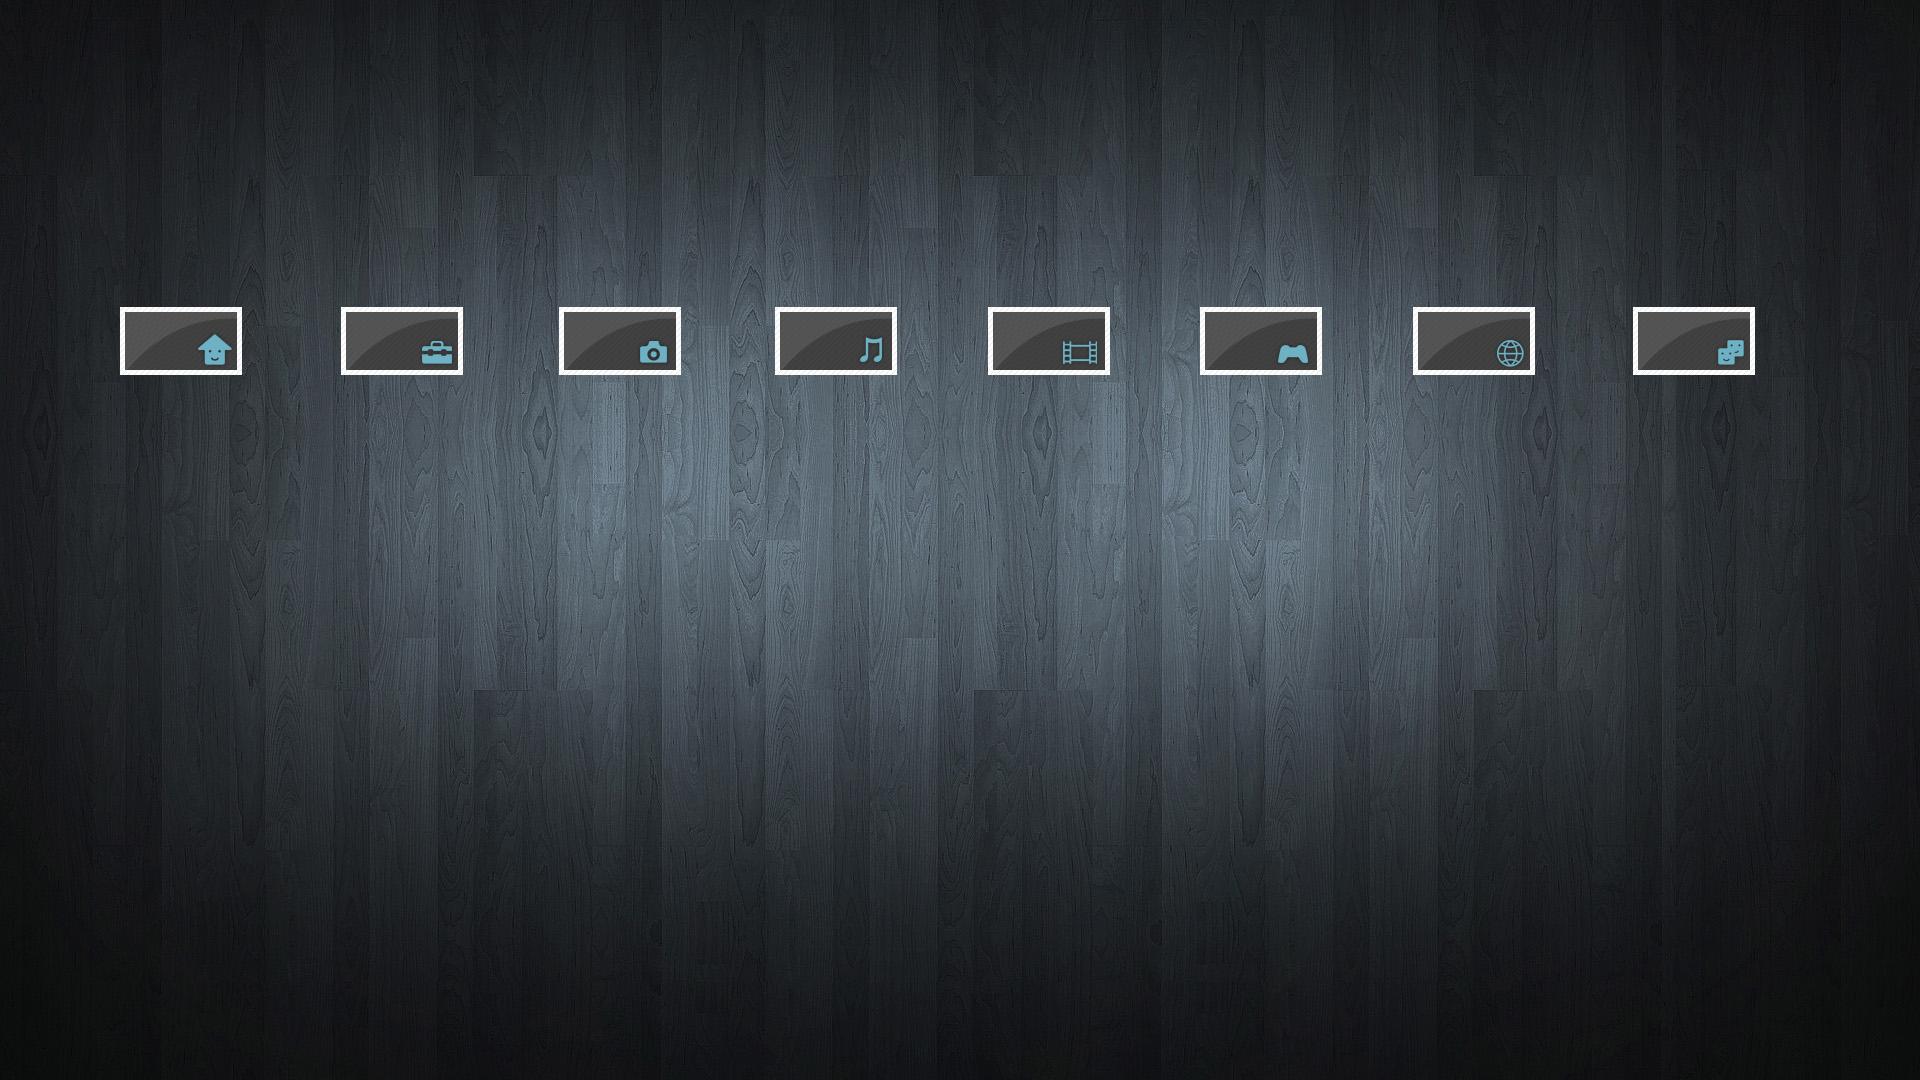 ps3 theme designs art wallpaper 1920x1080 1920x1080